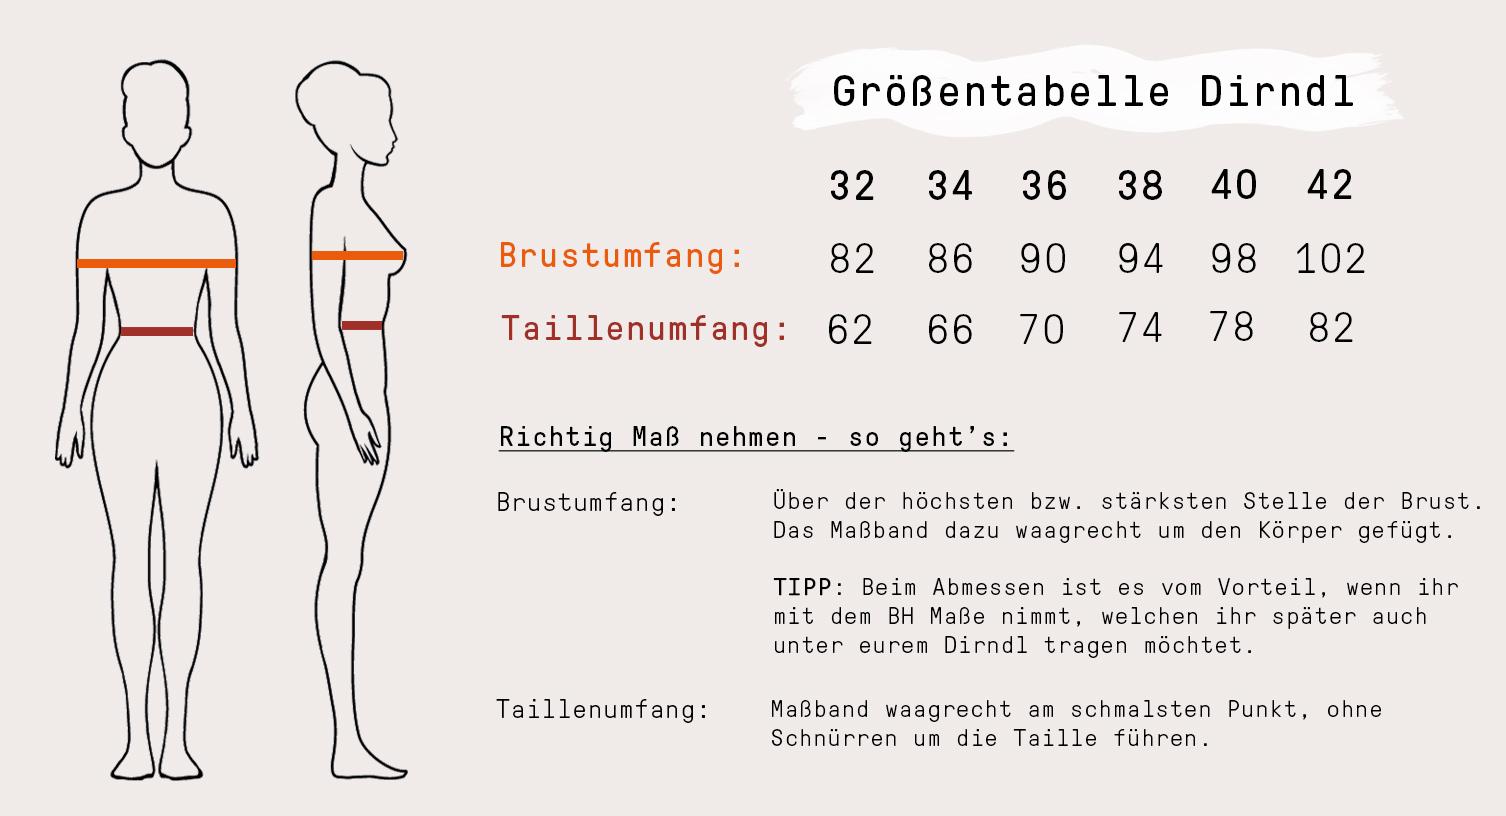 Gro-ssentabelle-Dirndl